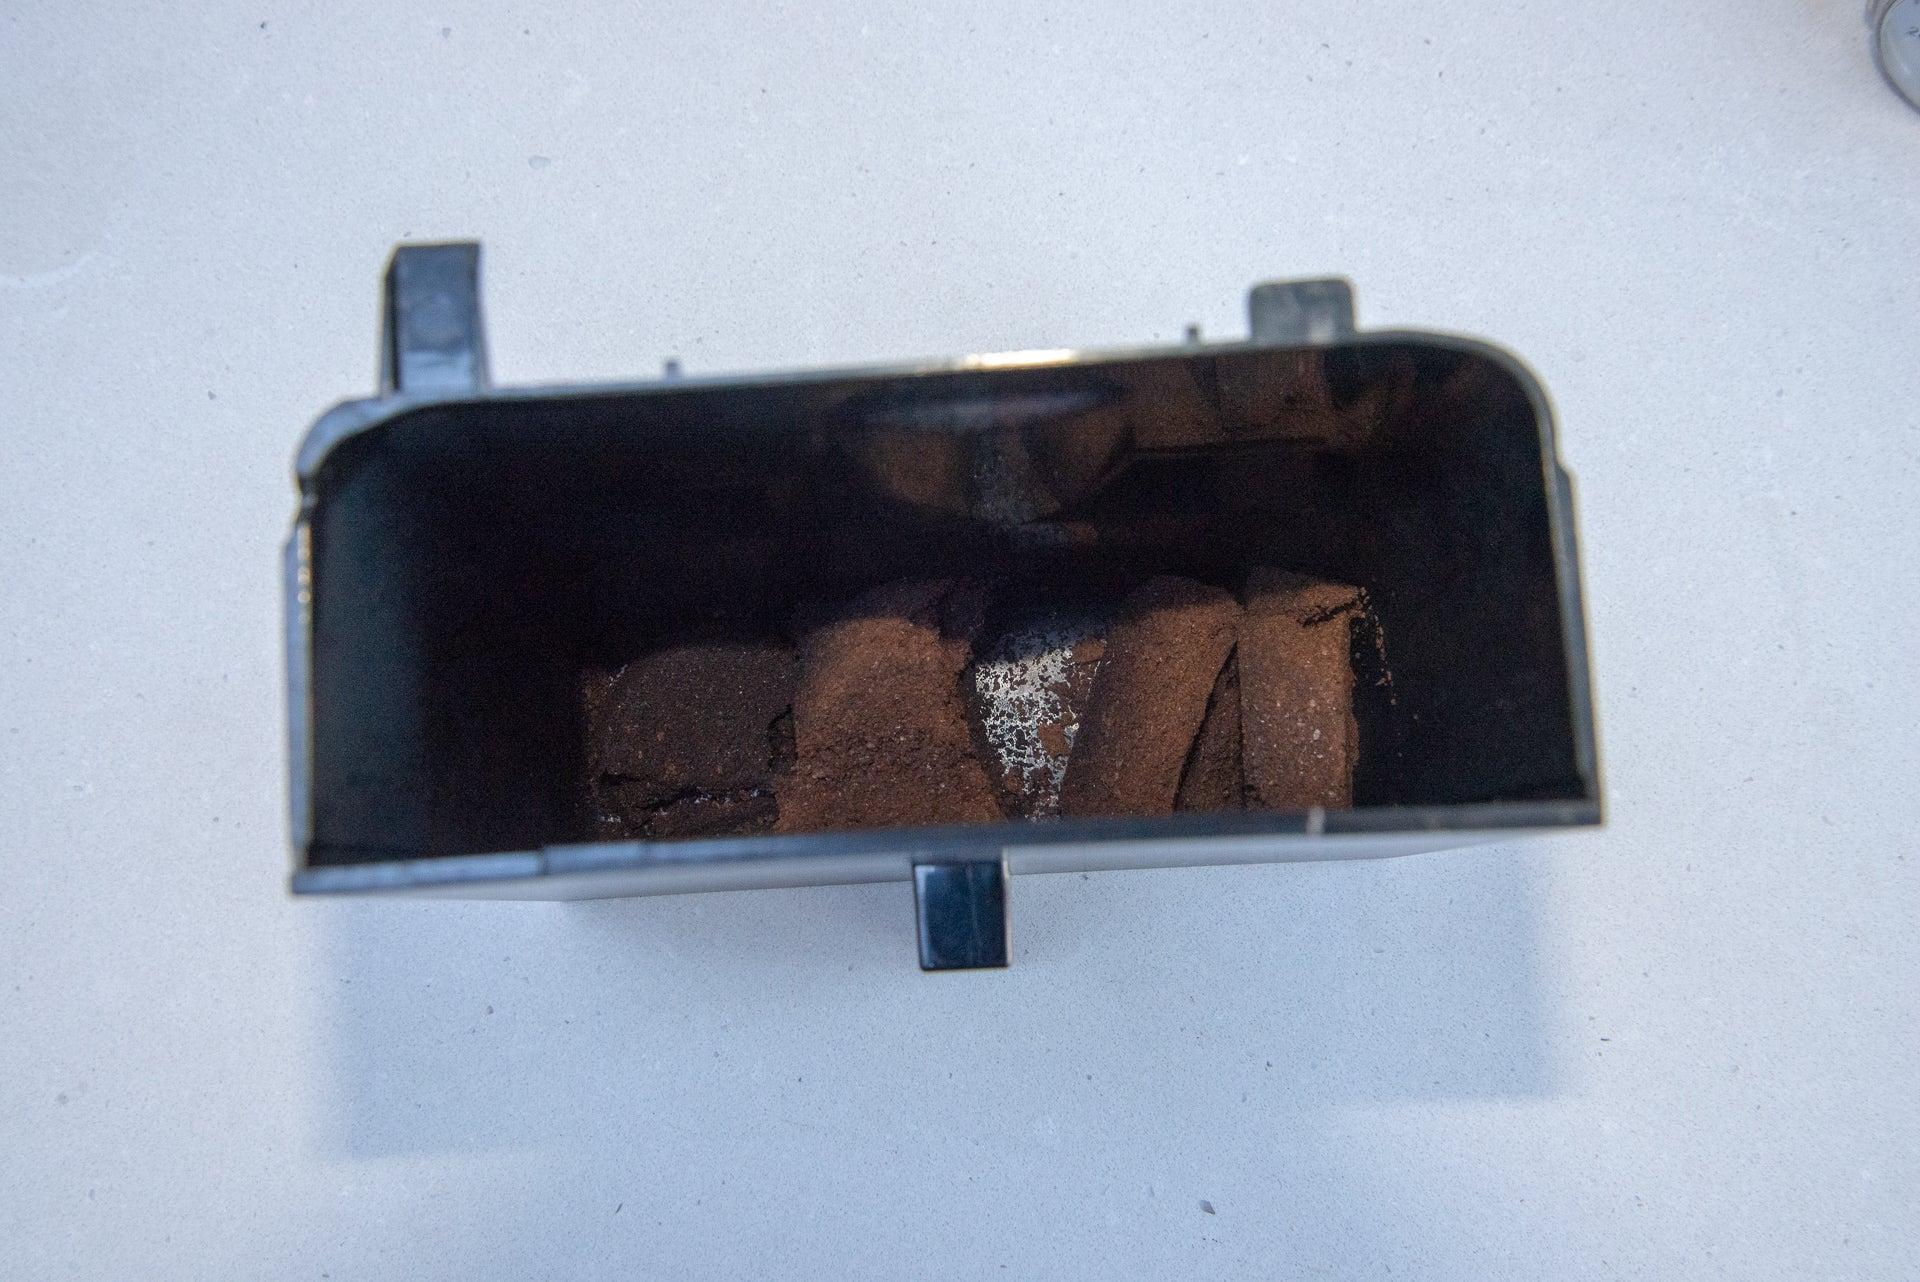 Krups Evidence EA893840 used coffee